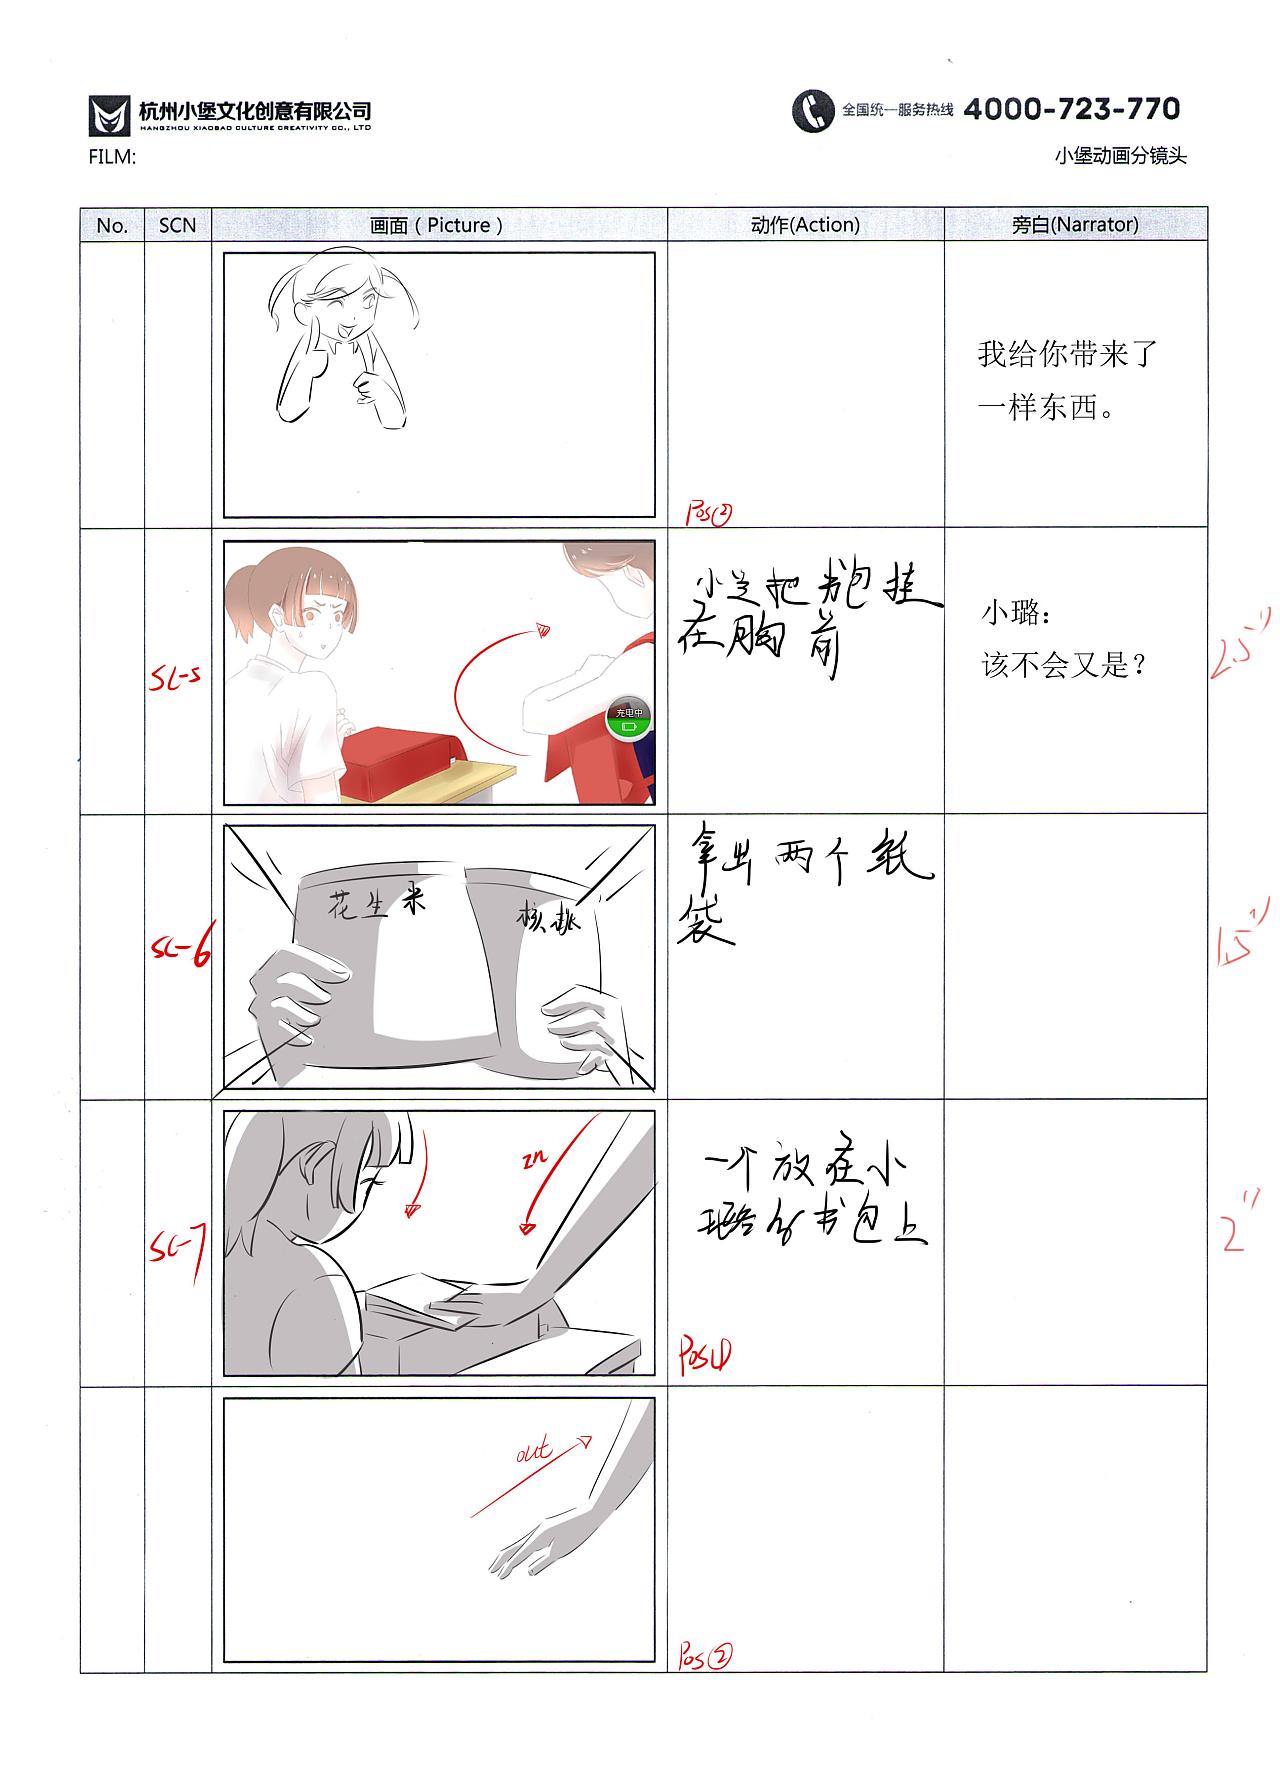 杭州玄猫动画专业订制漫画动态的都进来动漫黑色幽默漫画下载图片